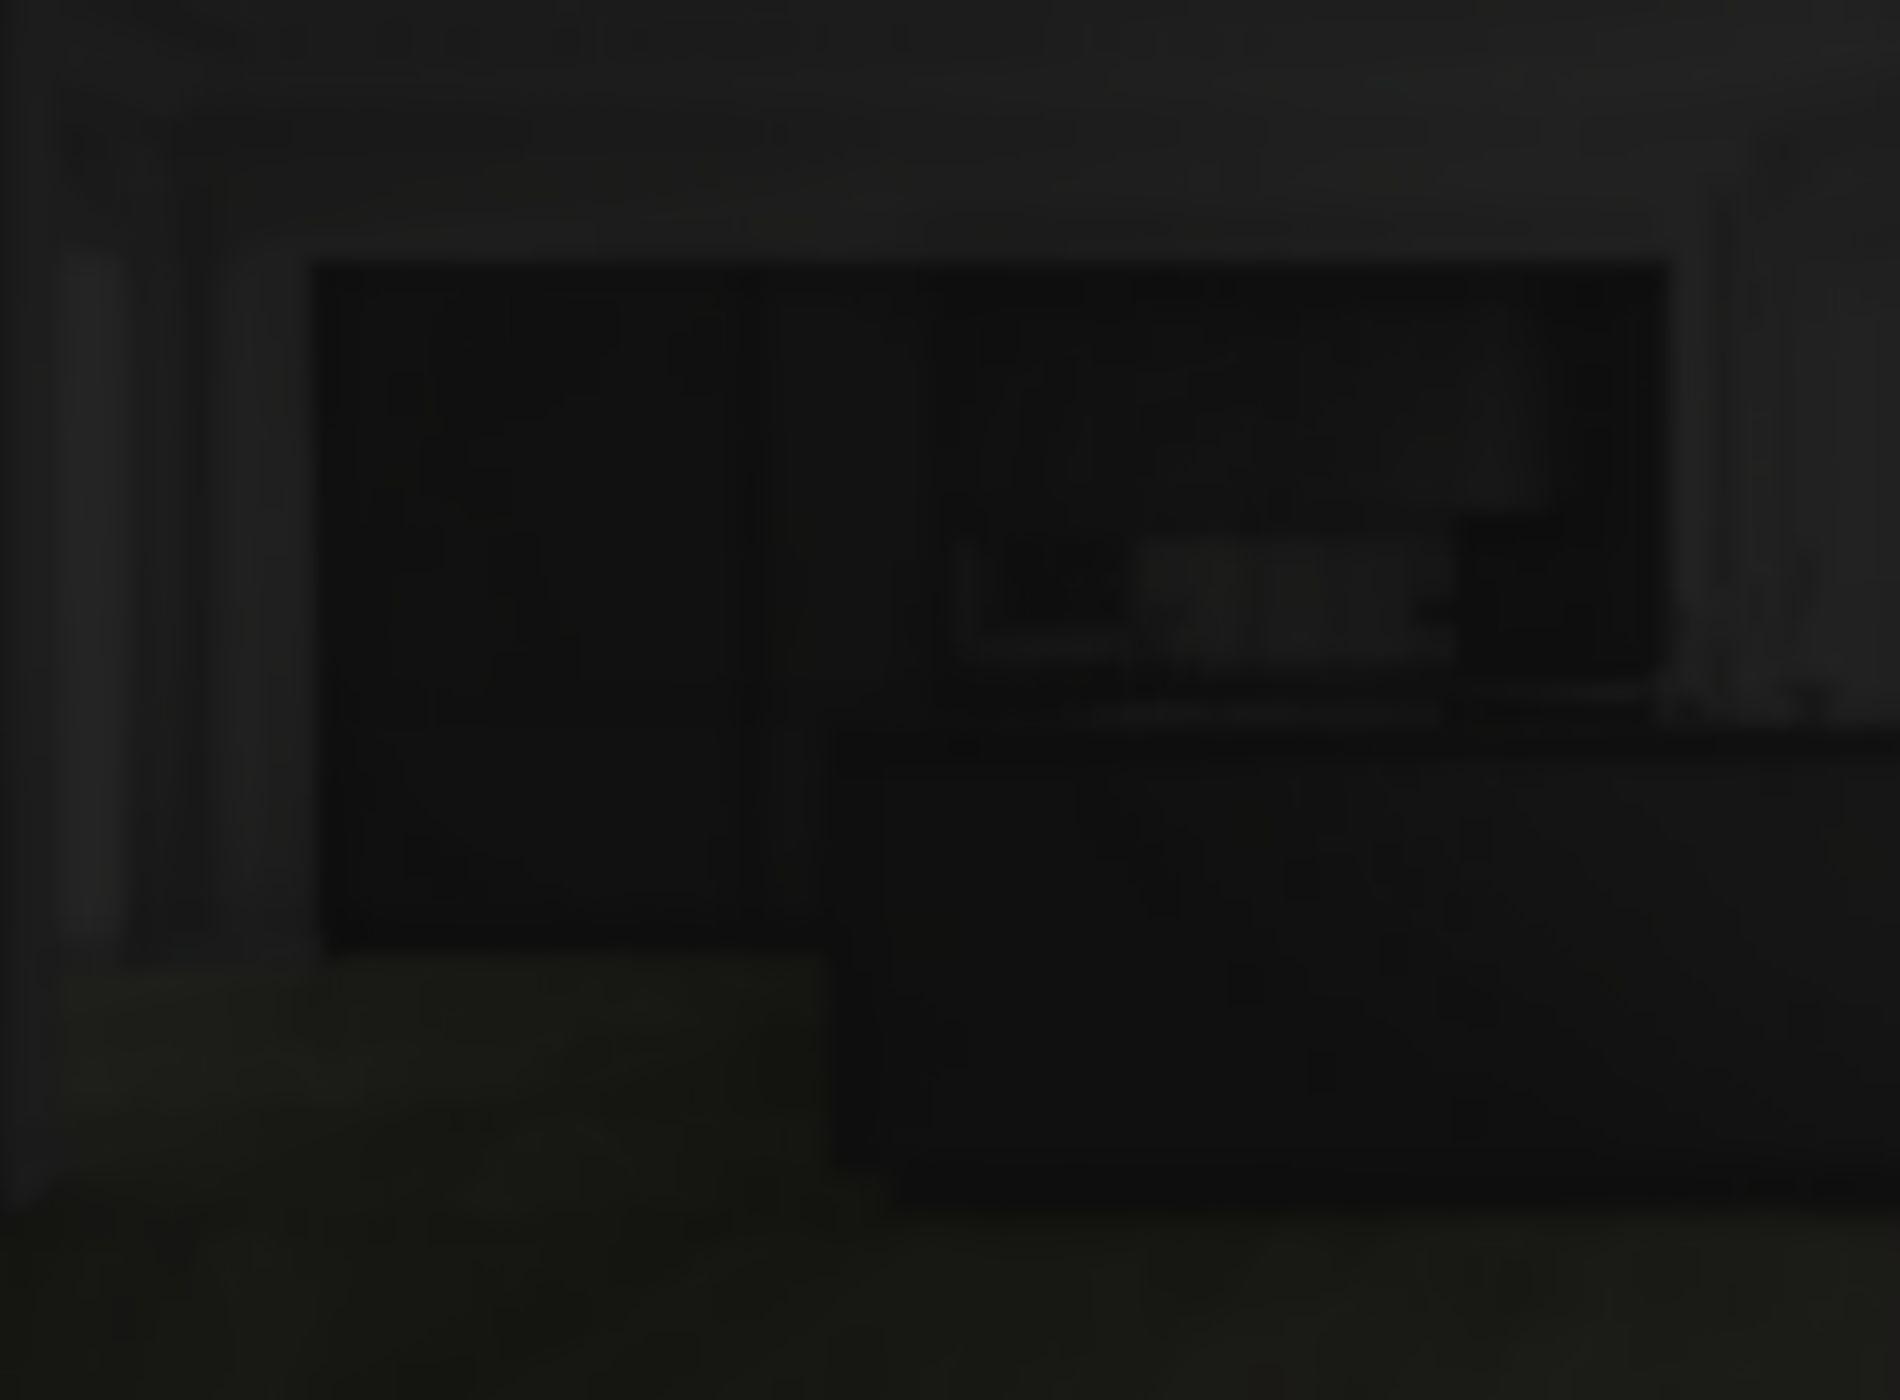 dark sld bg 1